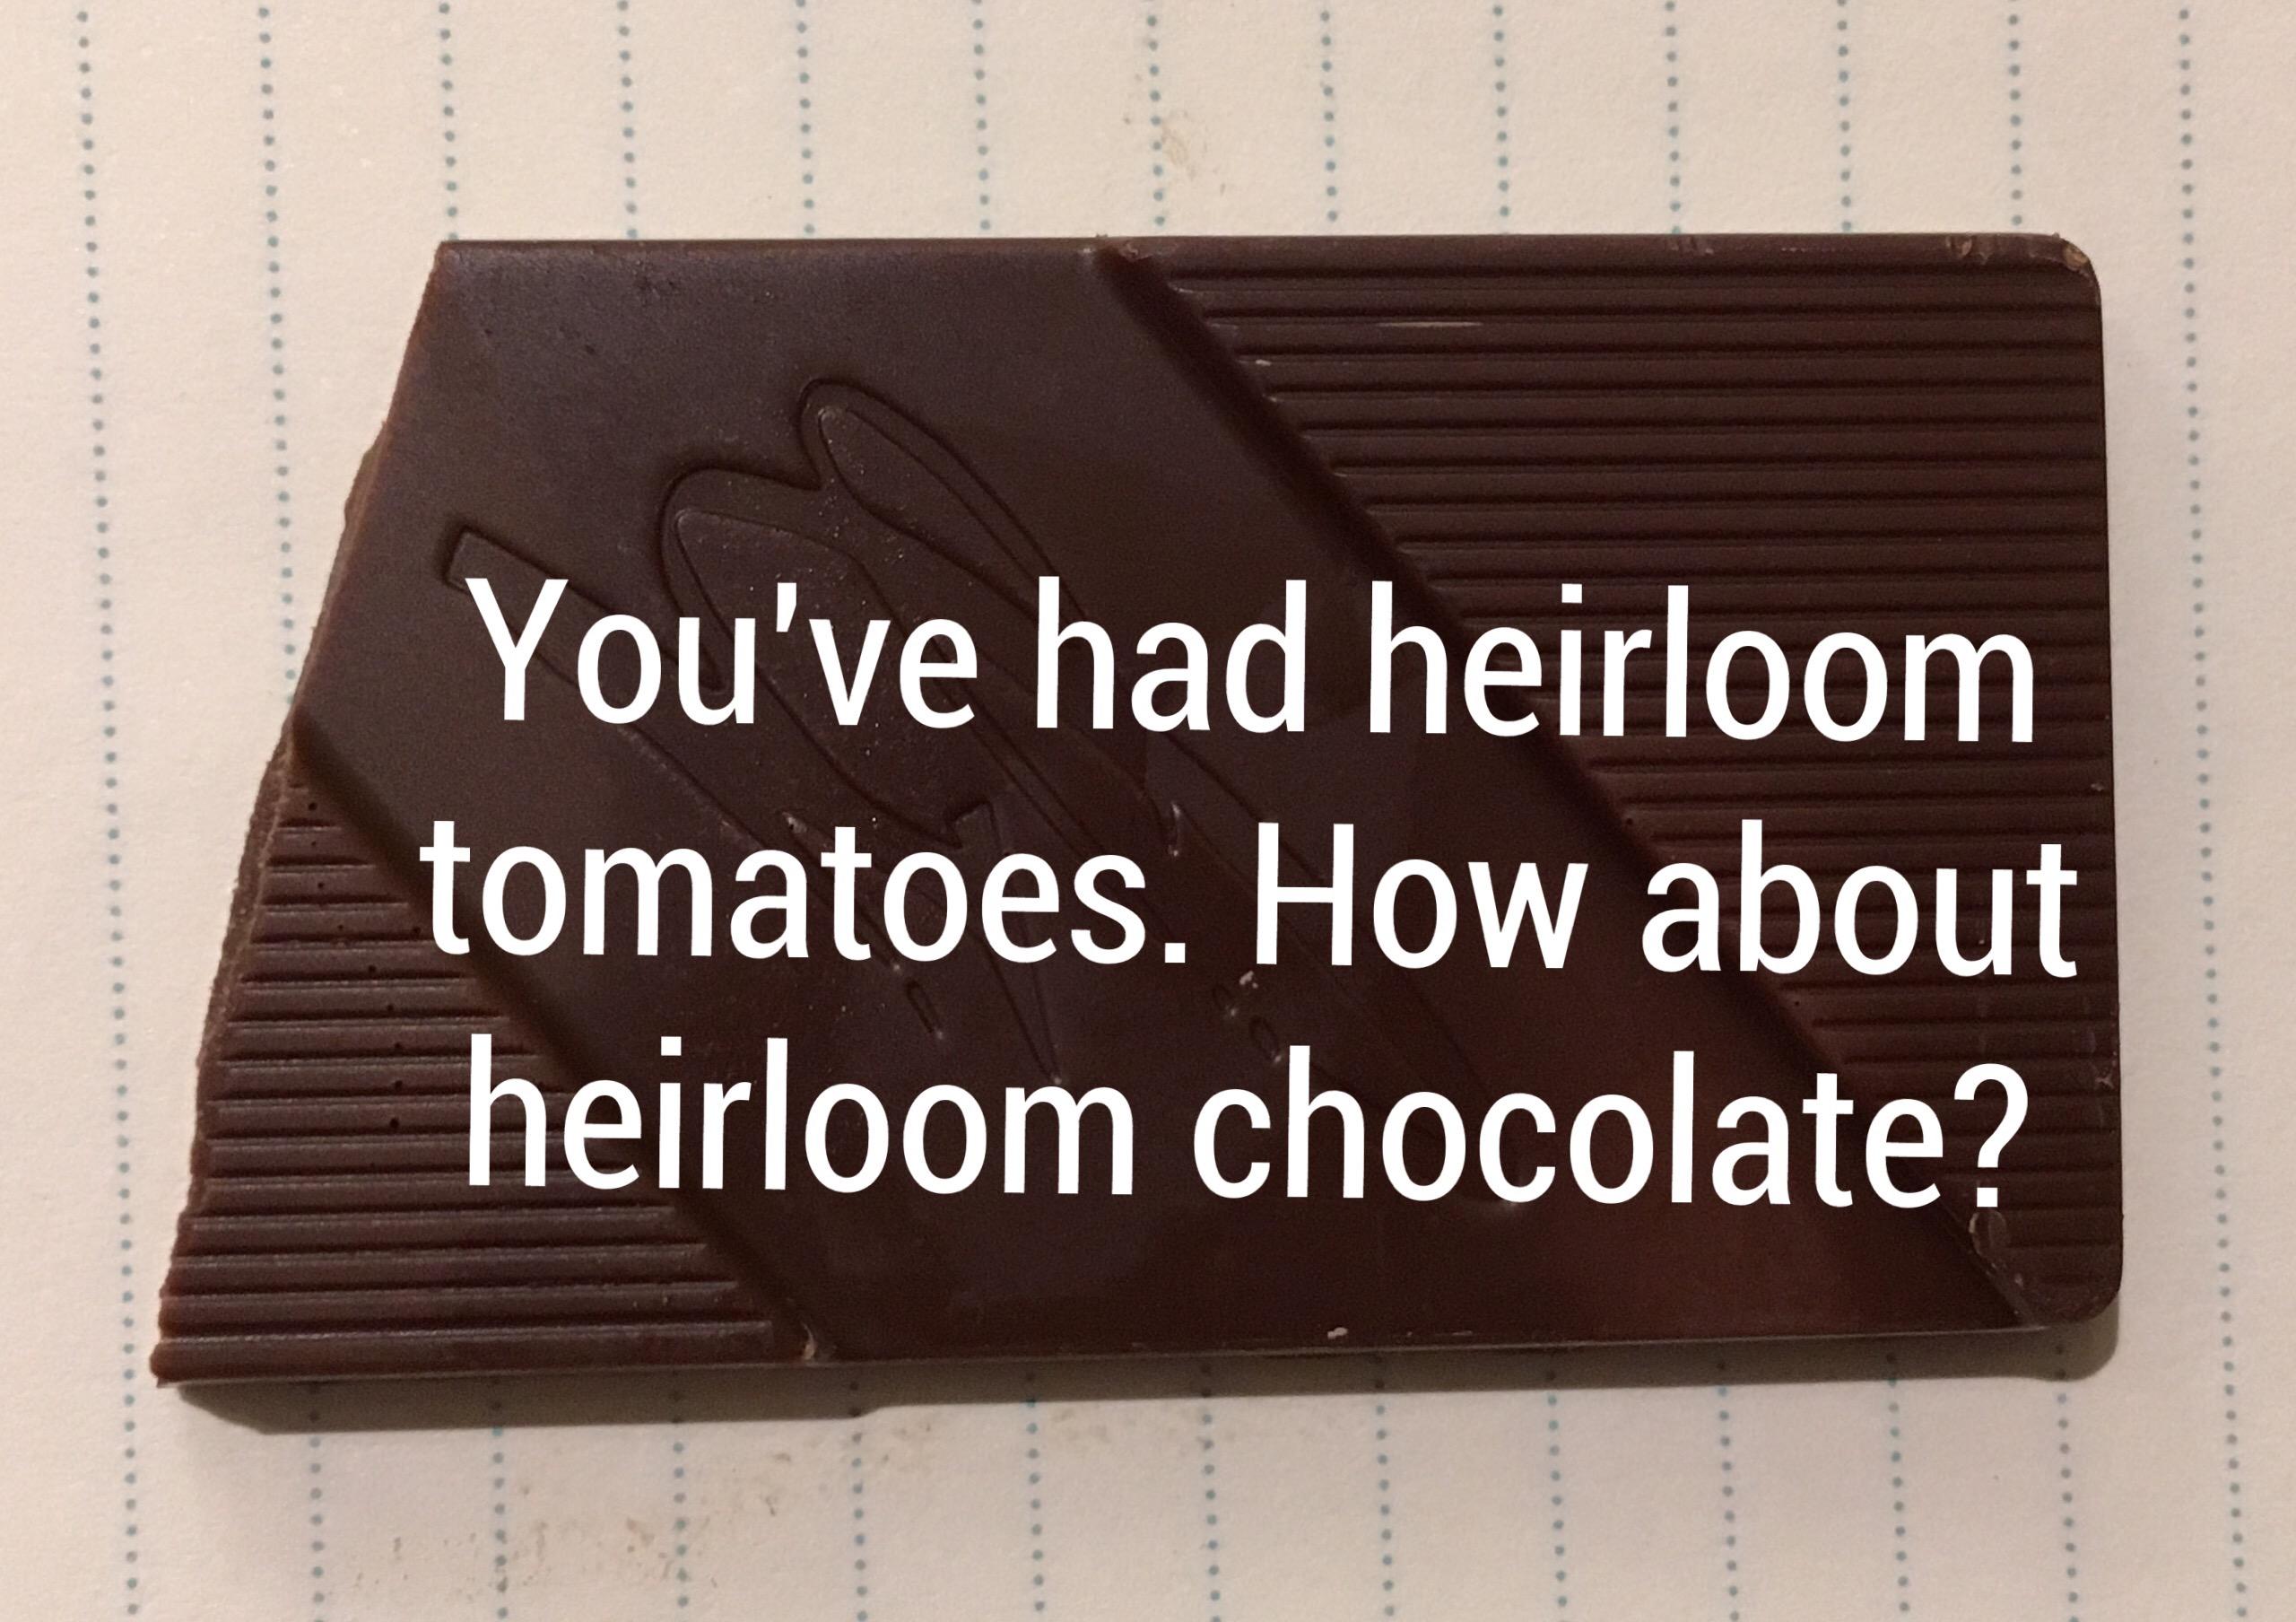 Tasty Heirloom Chocolate Varieties: The Next Thing in Terroir ...